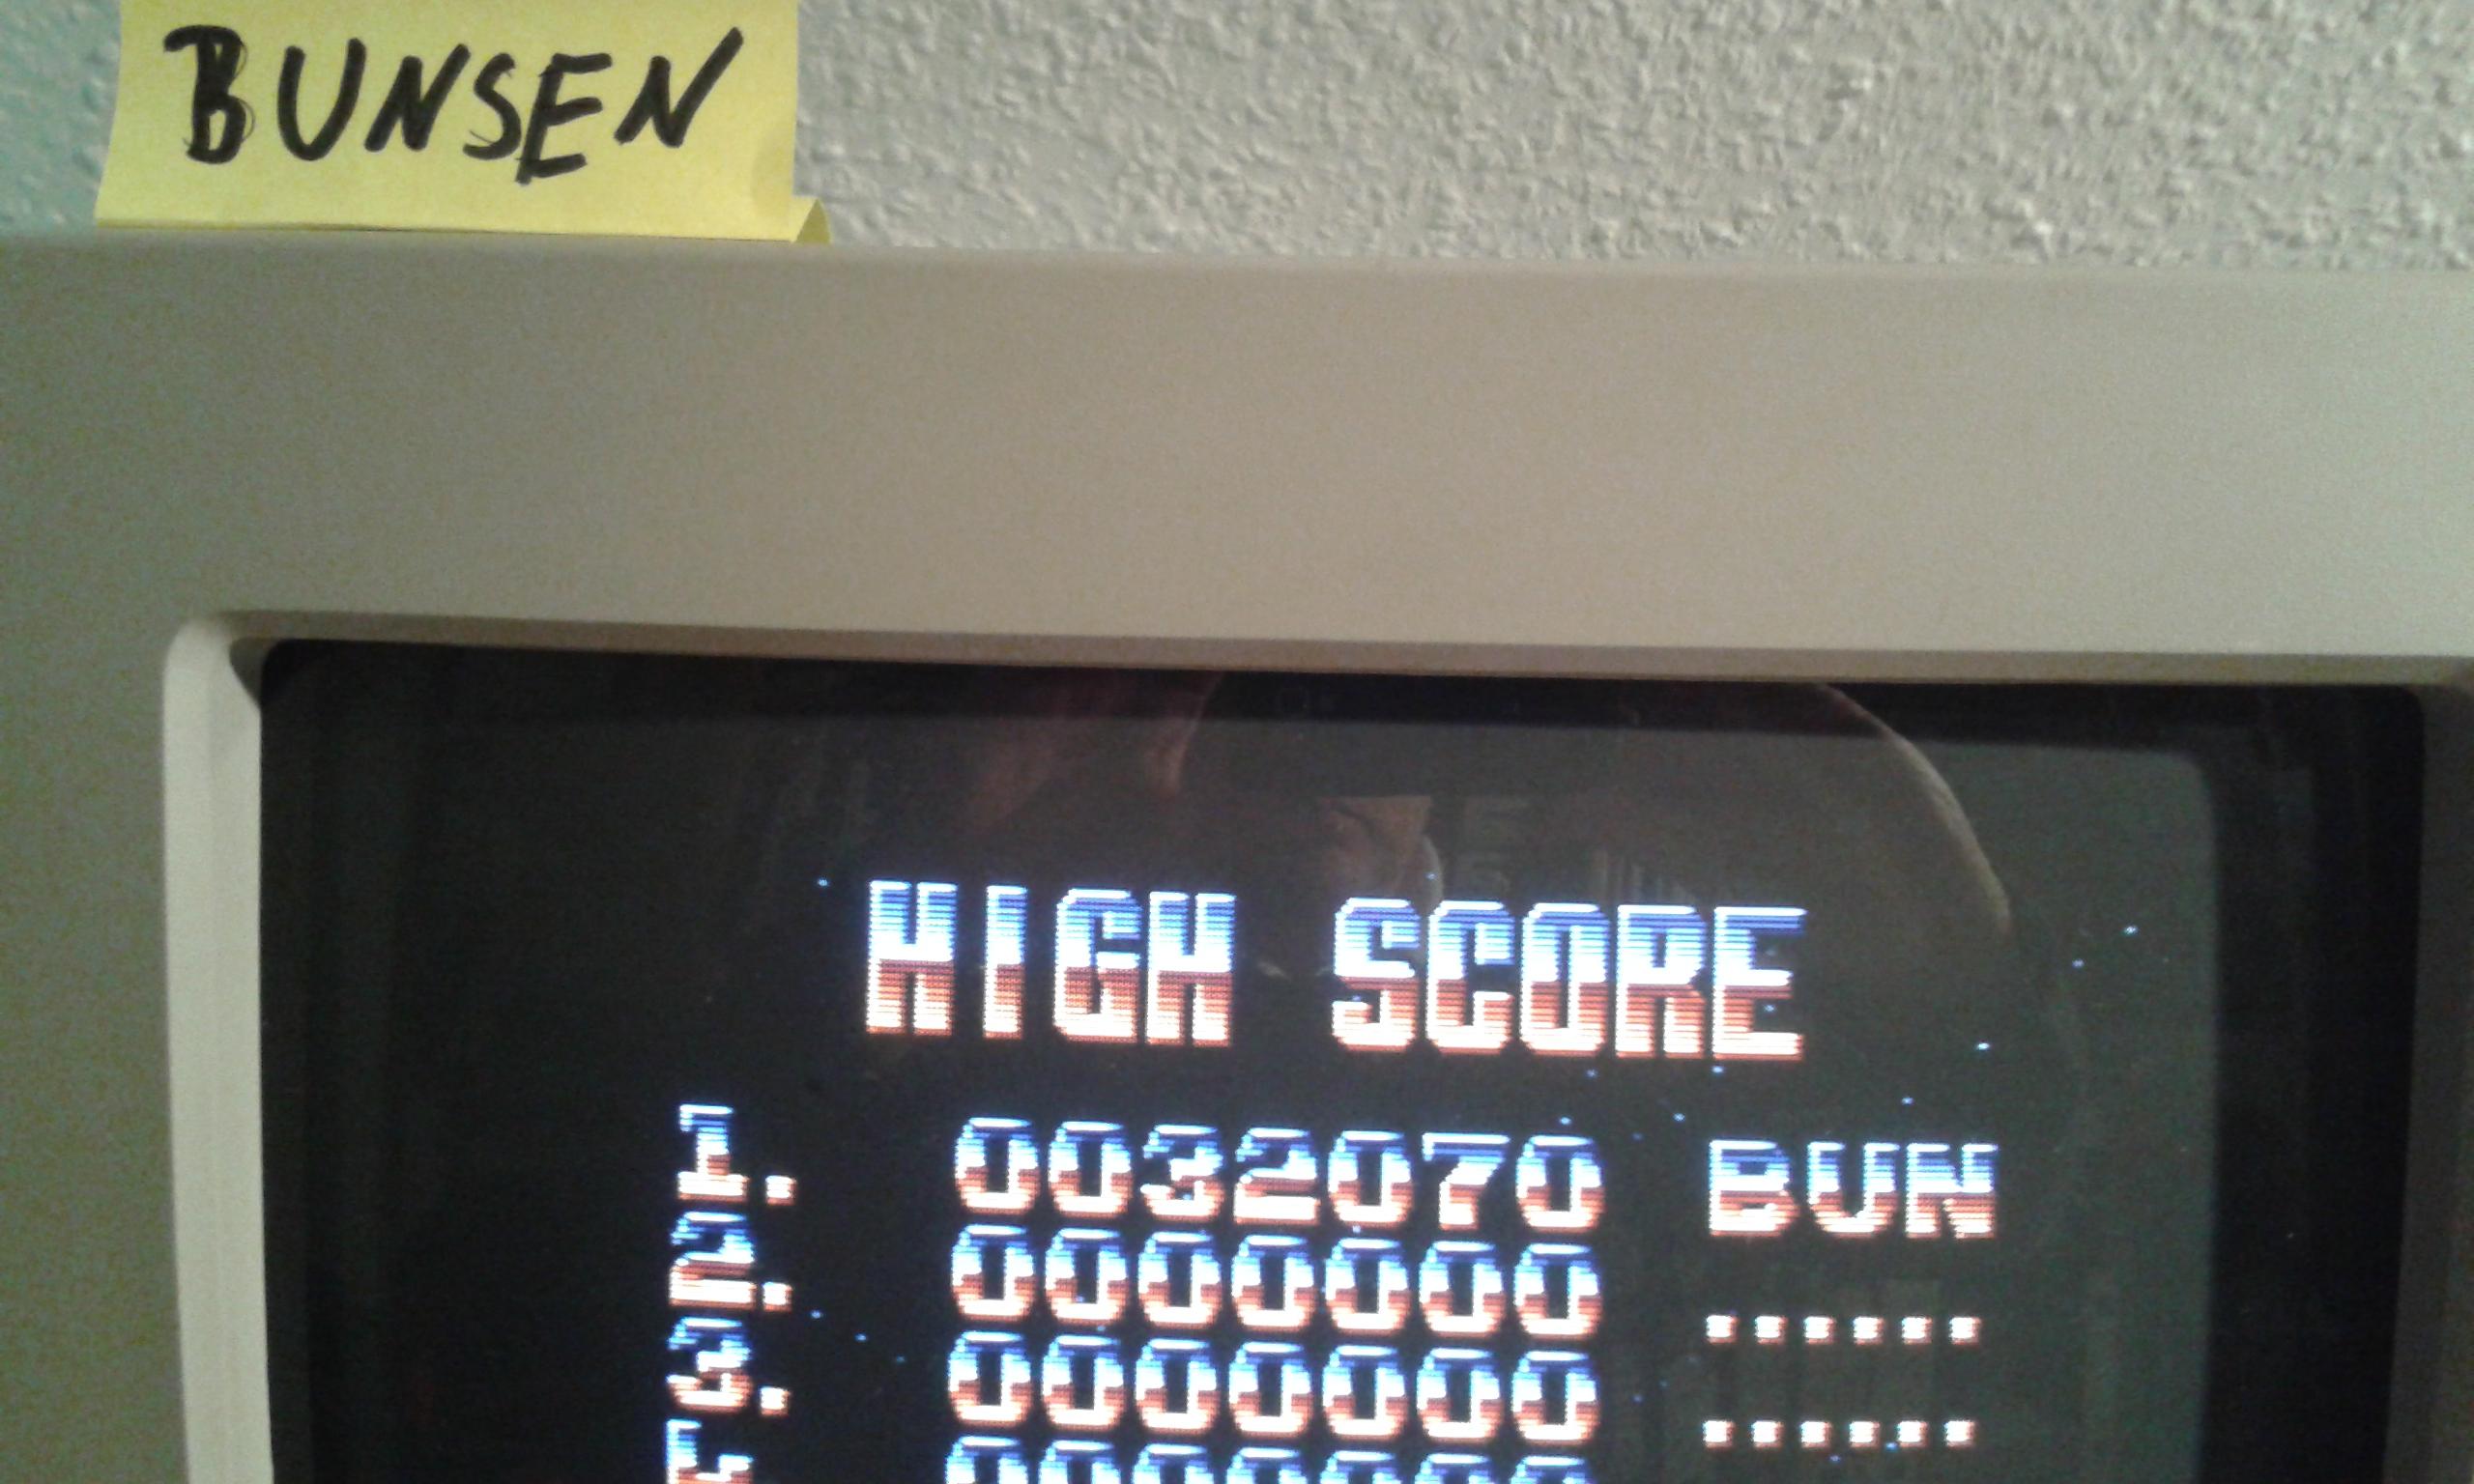 Bunsen: Xenon 2: Megablast (Atari ST) 32,070 points on 2015-03-21 15:51:01